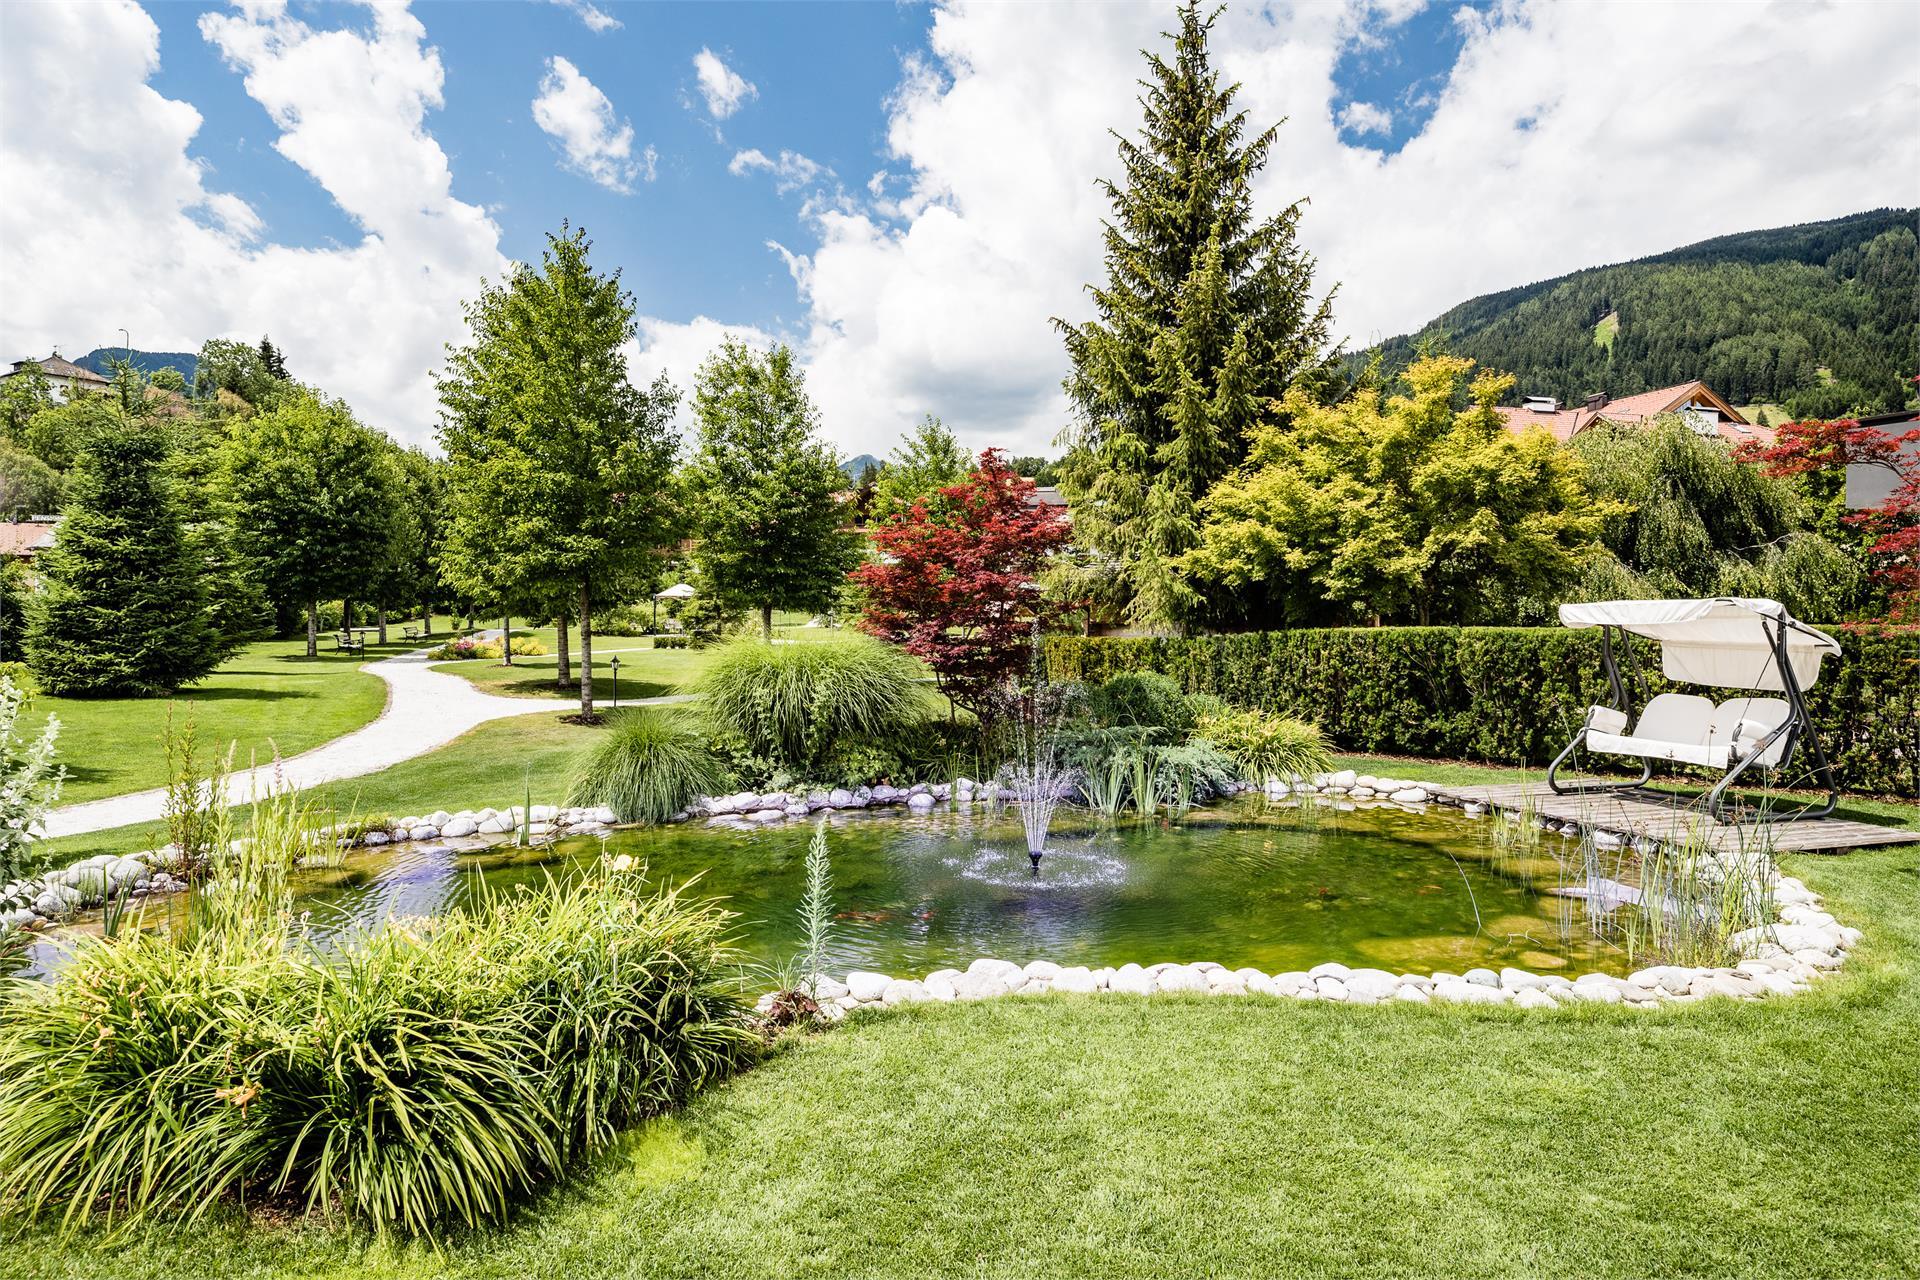 Giardino & Parco